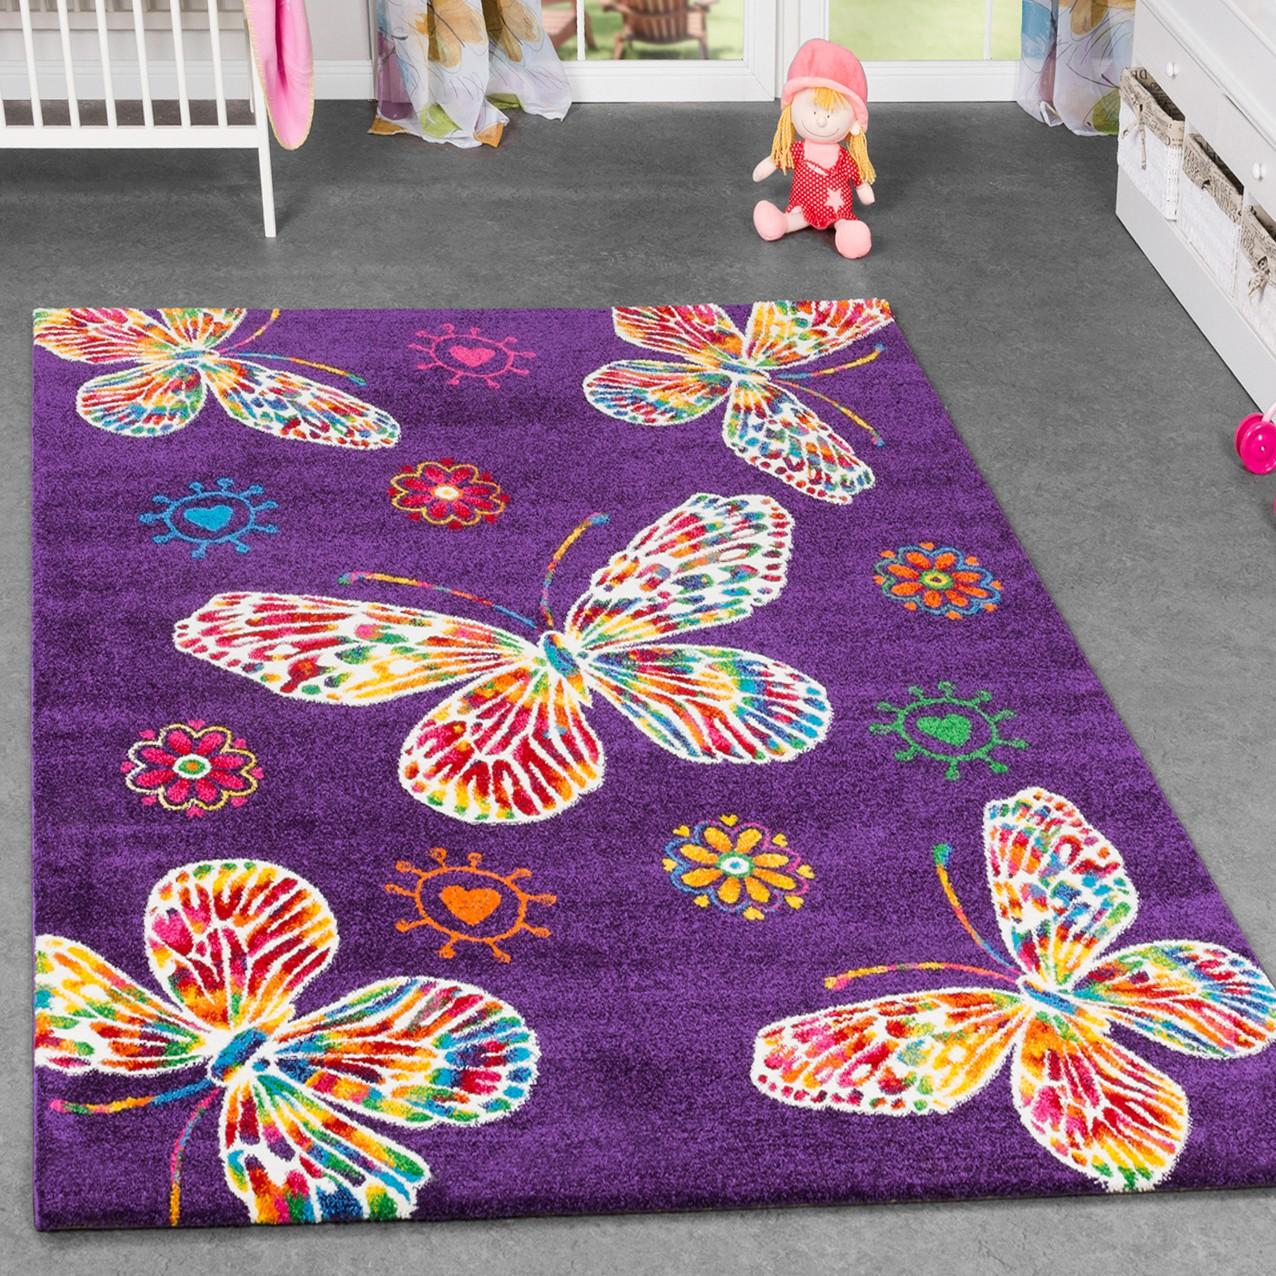 Details zu Kinderteppich Schmetterling Design Kinderzimmer Spielzimmer  Multicolour In Lila